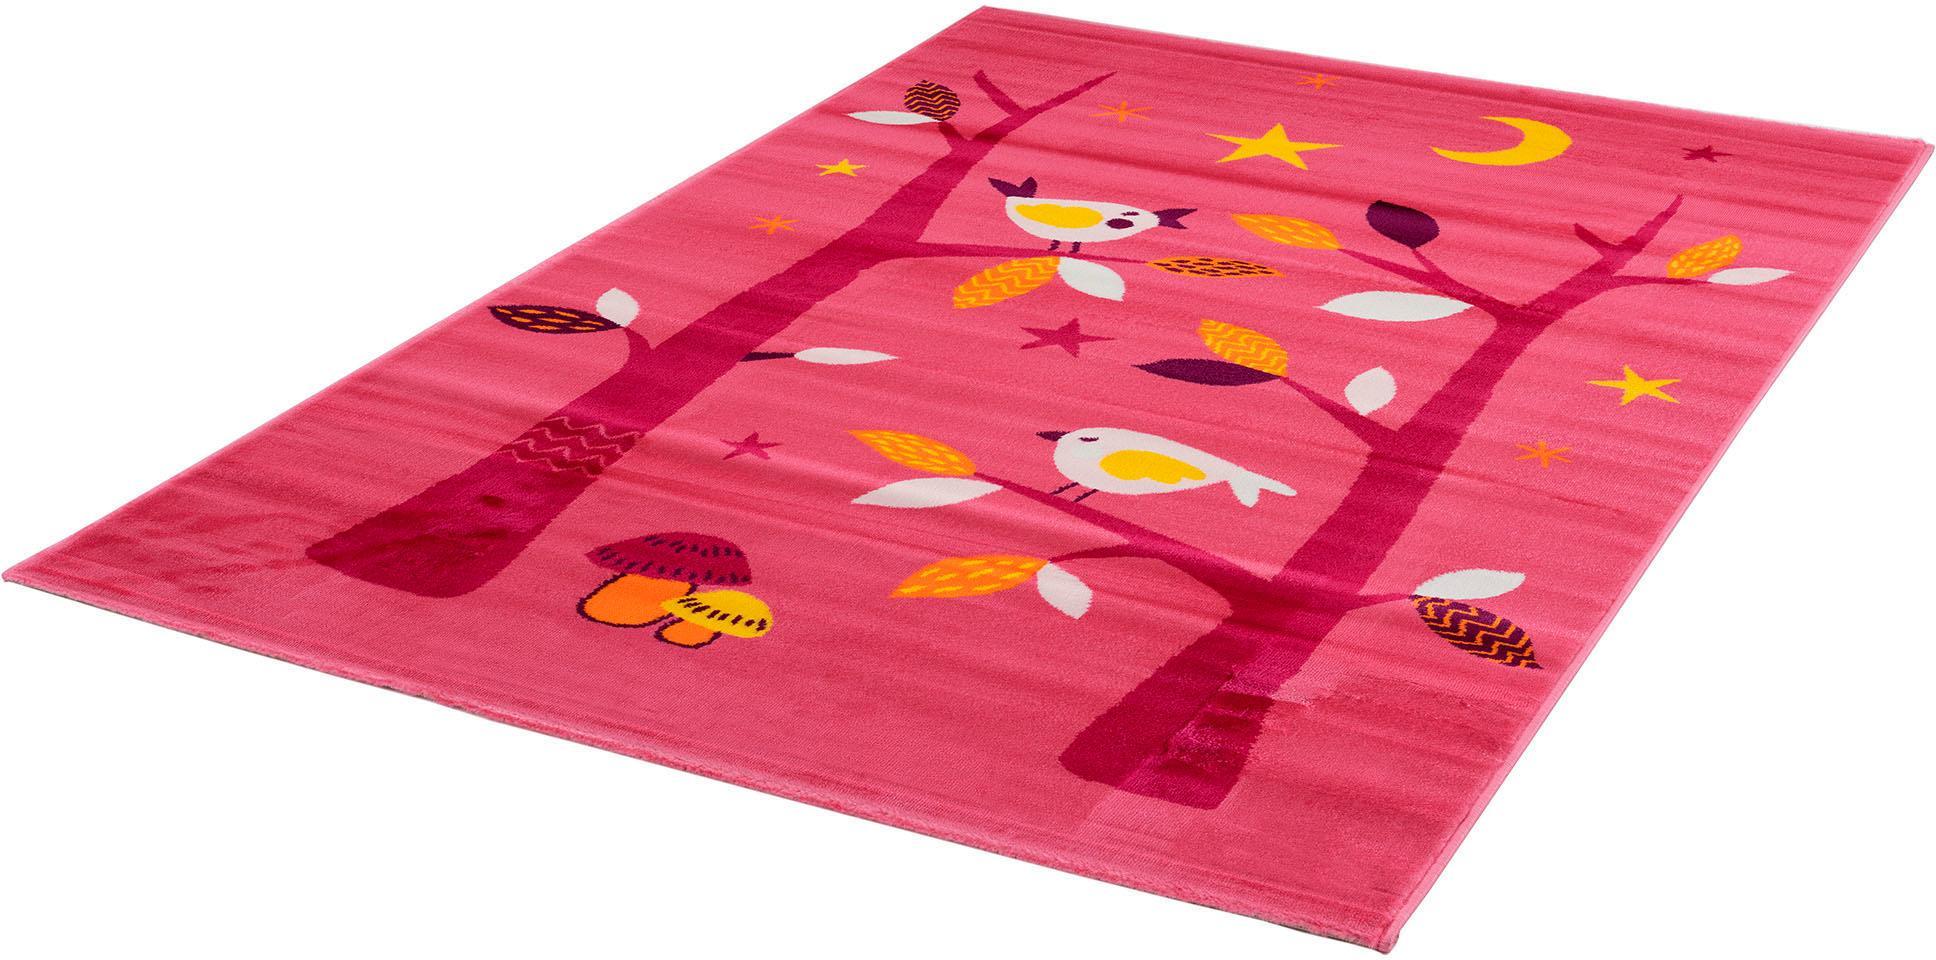 Kinderteppich Bambino 2110 Sanat Teppiche rechteckig Höhe 12 mm maschinell gewebt